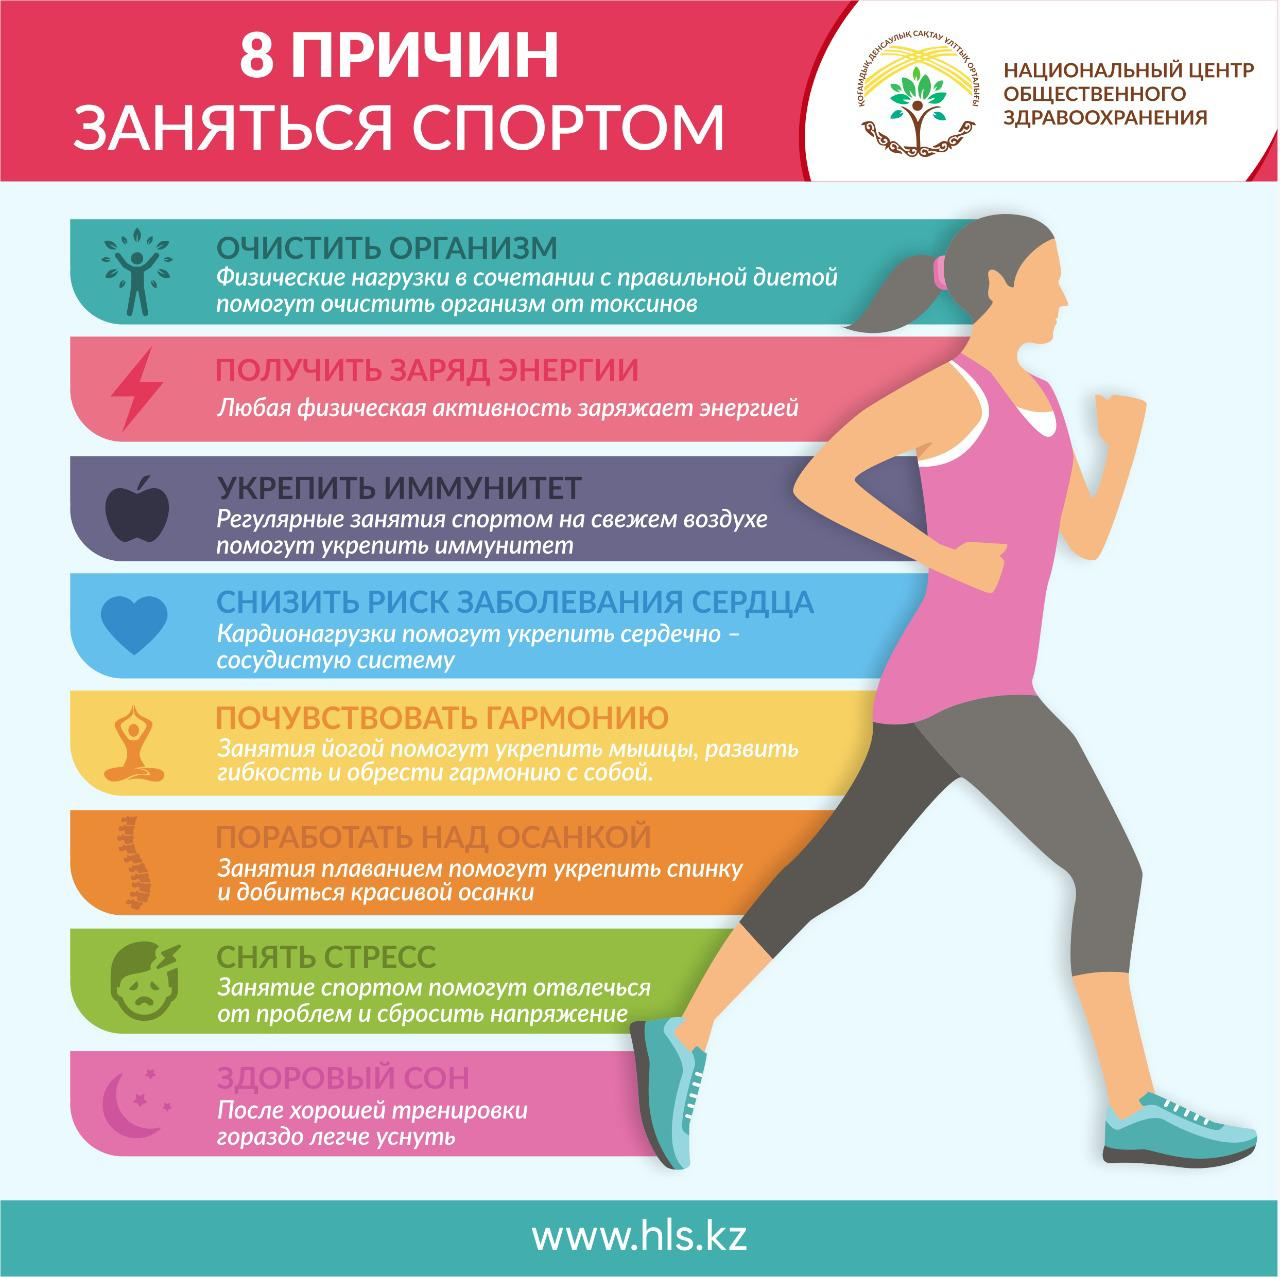 8 причин заняться спортом